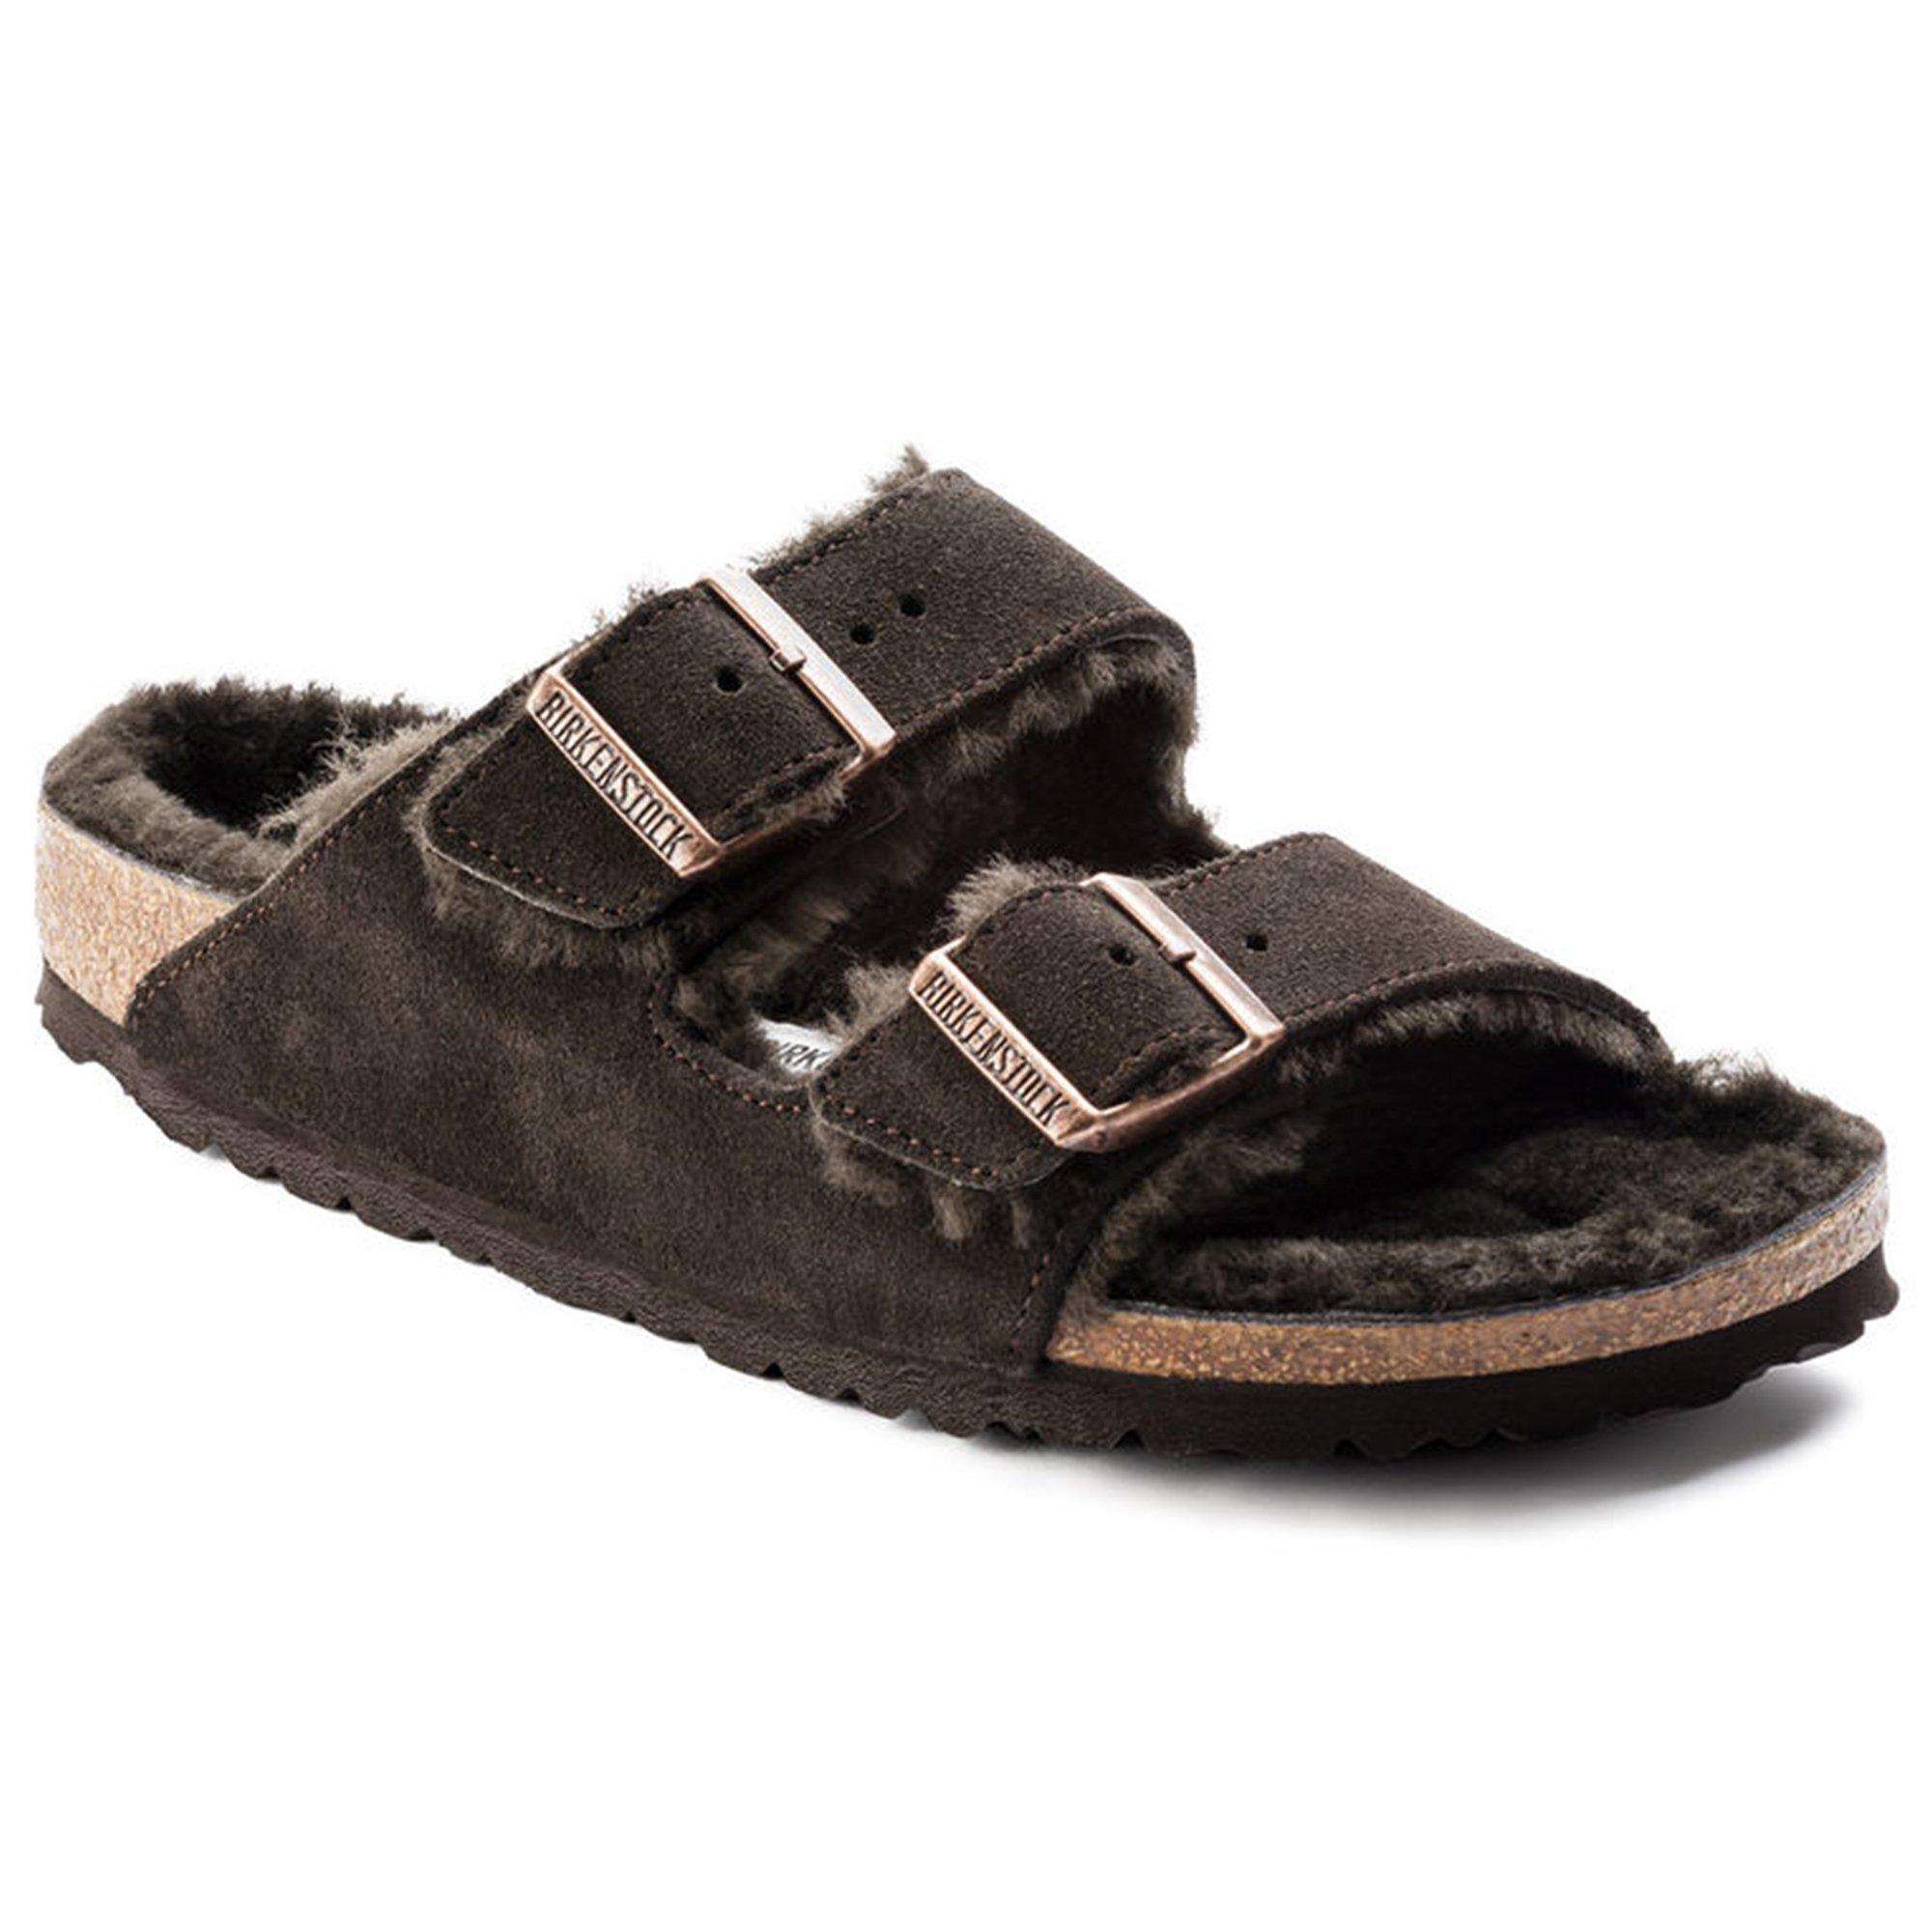 Birkenstock Womens Arizona Shearling Slide Sandal Mocha/Mocha Size 39 N EU (8-8.5 N US Women)